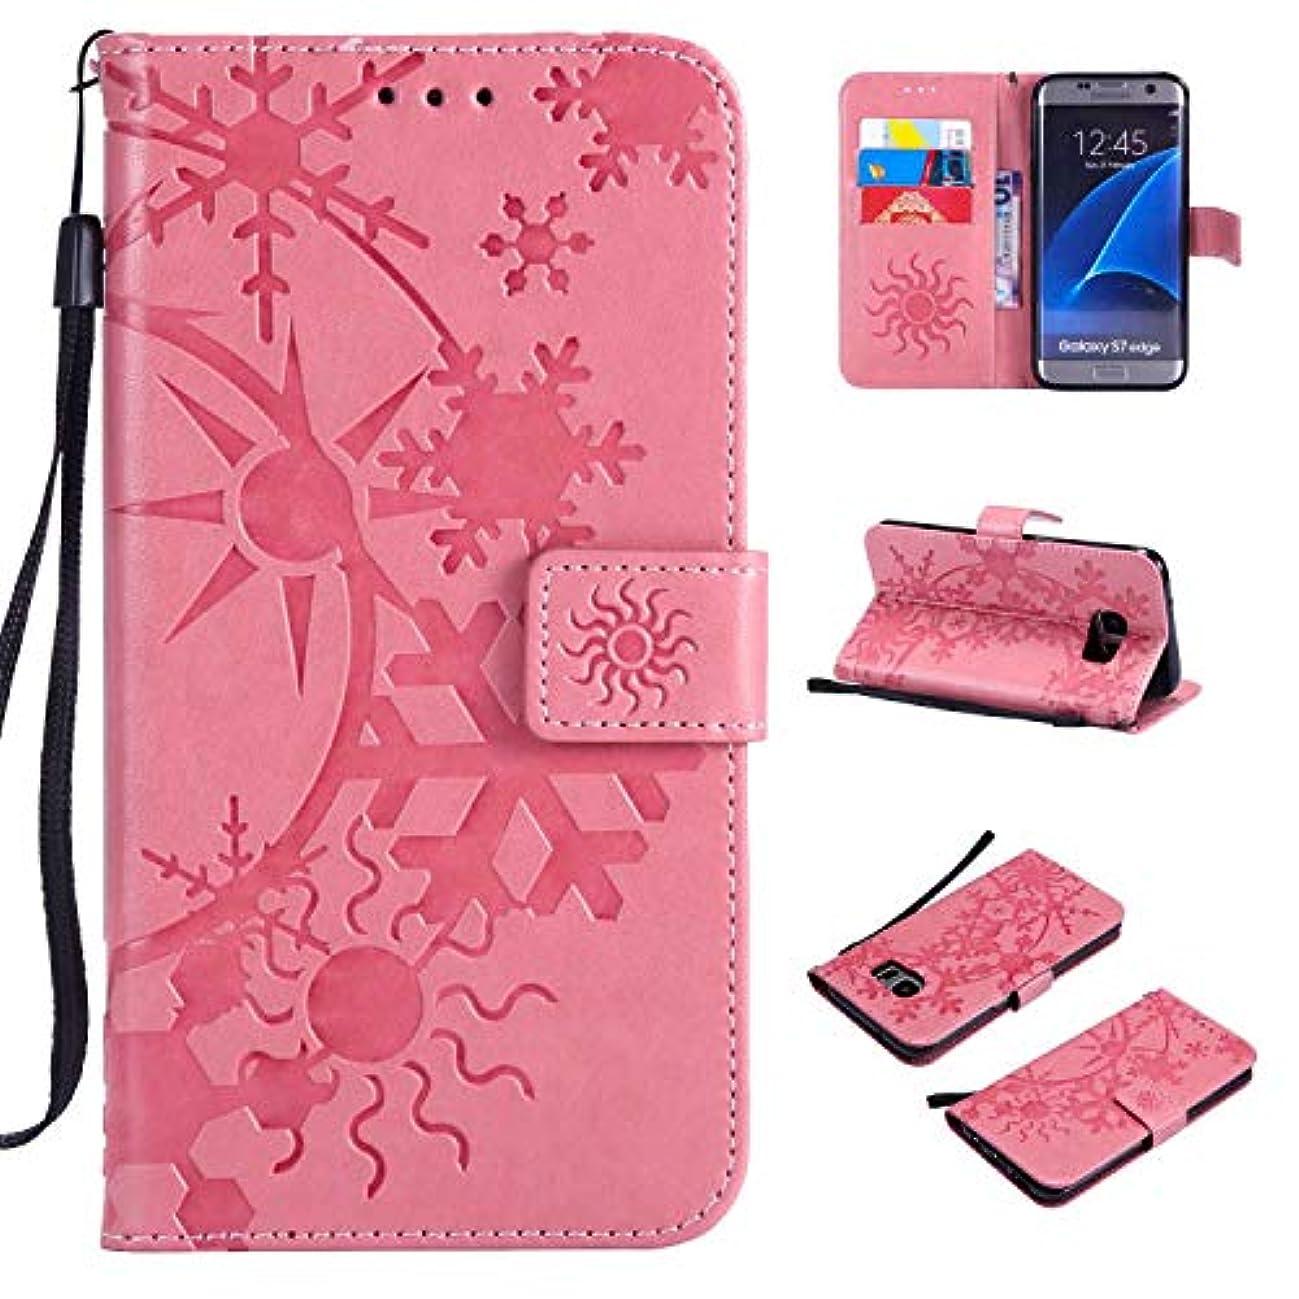 信条土器胃Galaxy S7 Edge ケース CUSKING 手帳型 ケース ストラップ付き かわいい 財布 カバー カードポケット付き Samsung ギャラクシー S7 Edge マジックアレイ ケース - ピンク